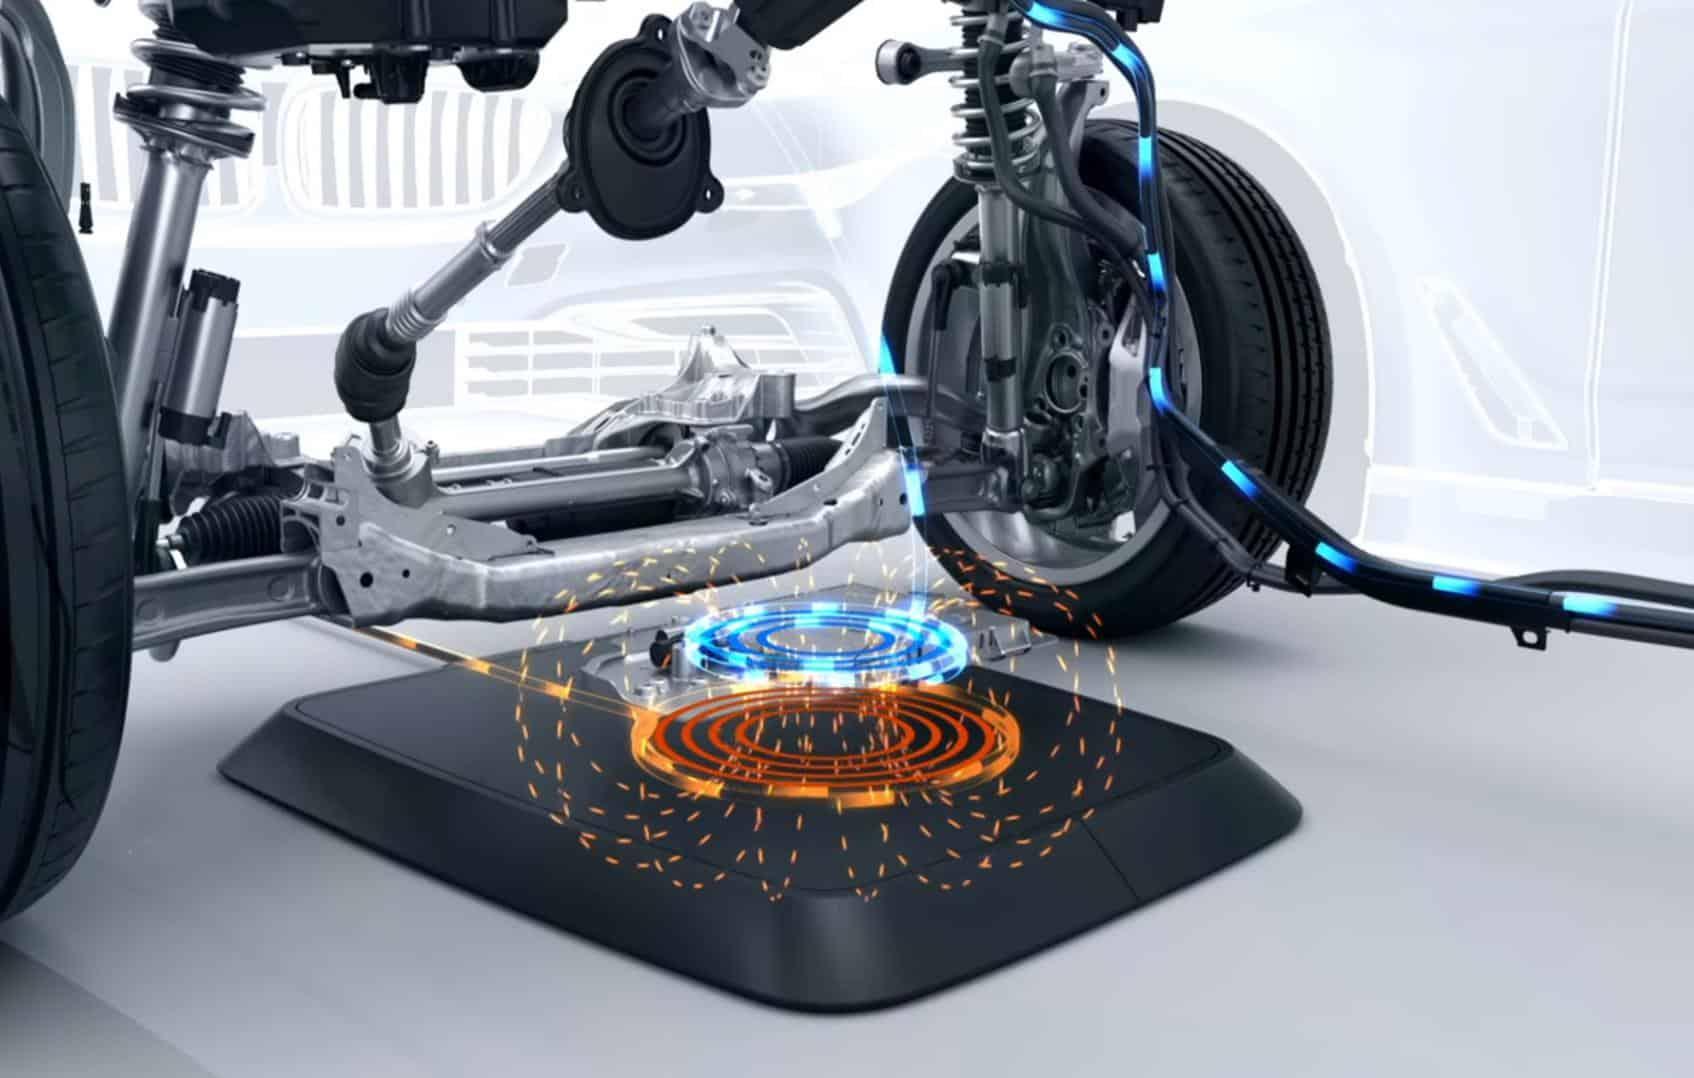 Carregamento sem fio deve ser o futuro dos carros elétricos